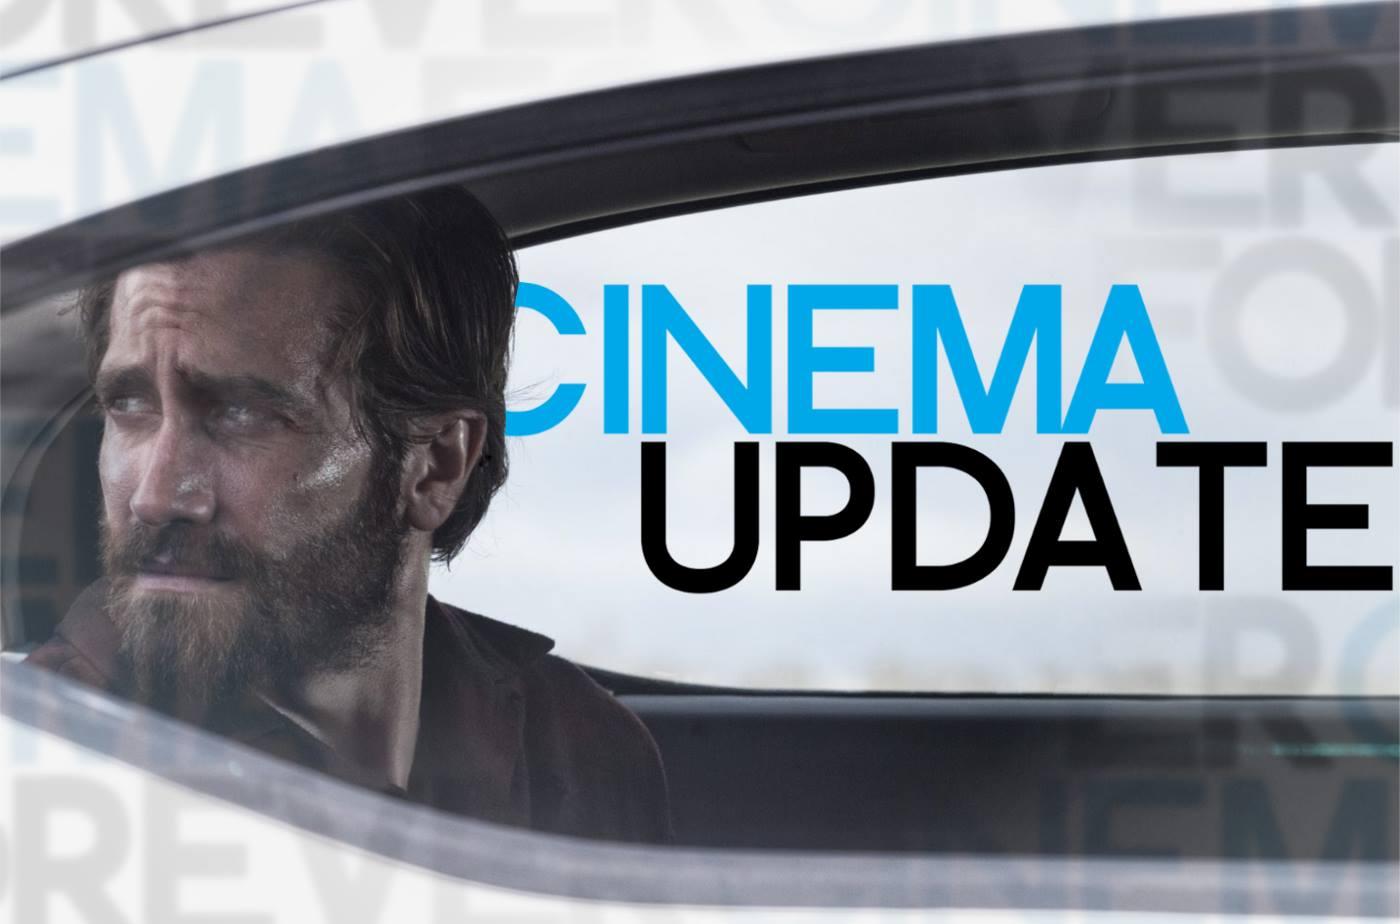 Podcast: Cinema Update #27 mit Philippe Paturel – Nocturnal Animals, 50 Shades 2 & TIFF